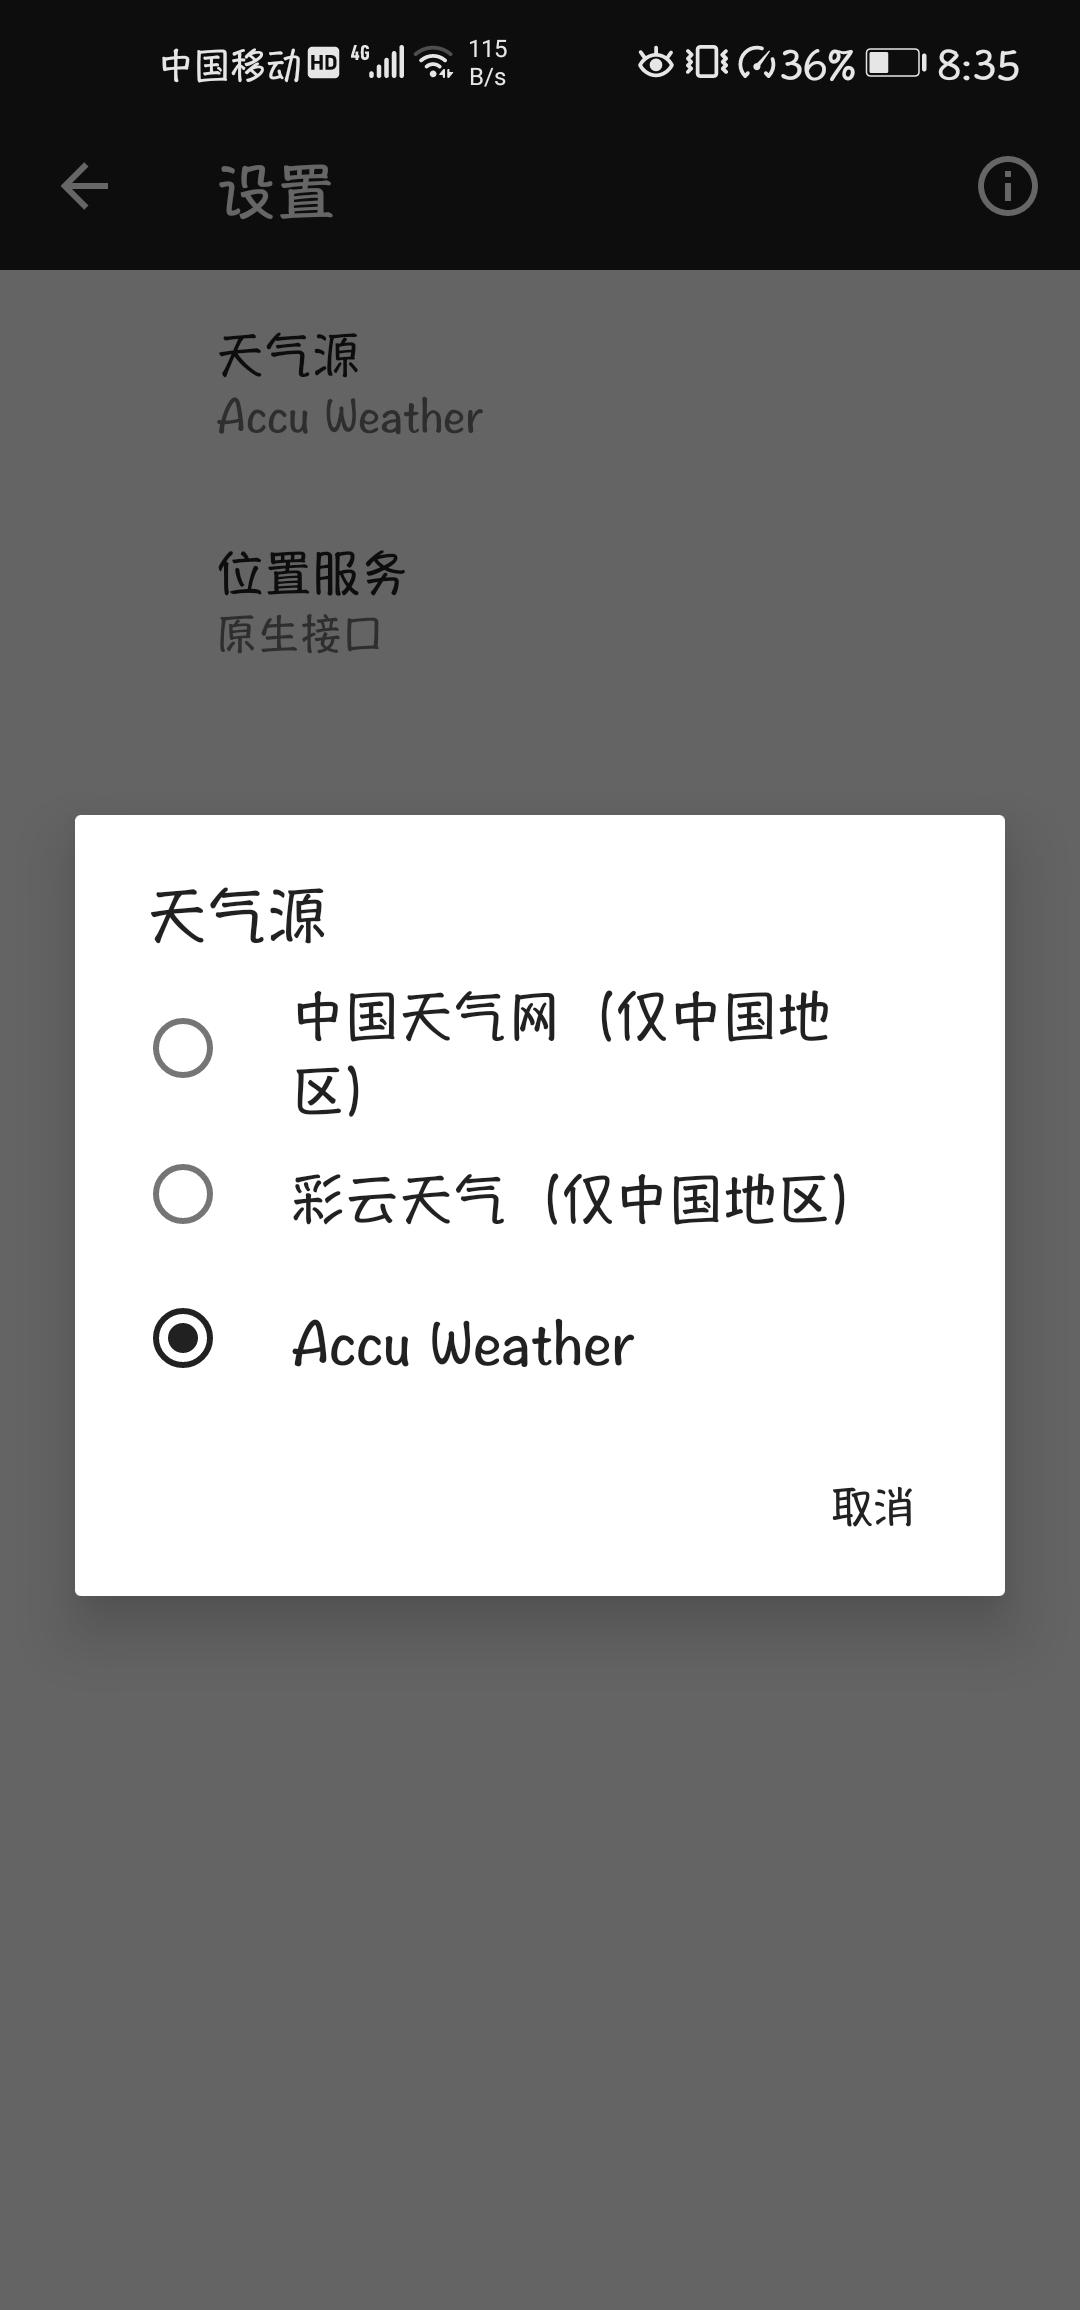 Screenshot_20200227_083555_wangdaye.com.geometricweather.jpg